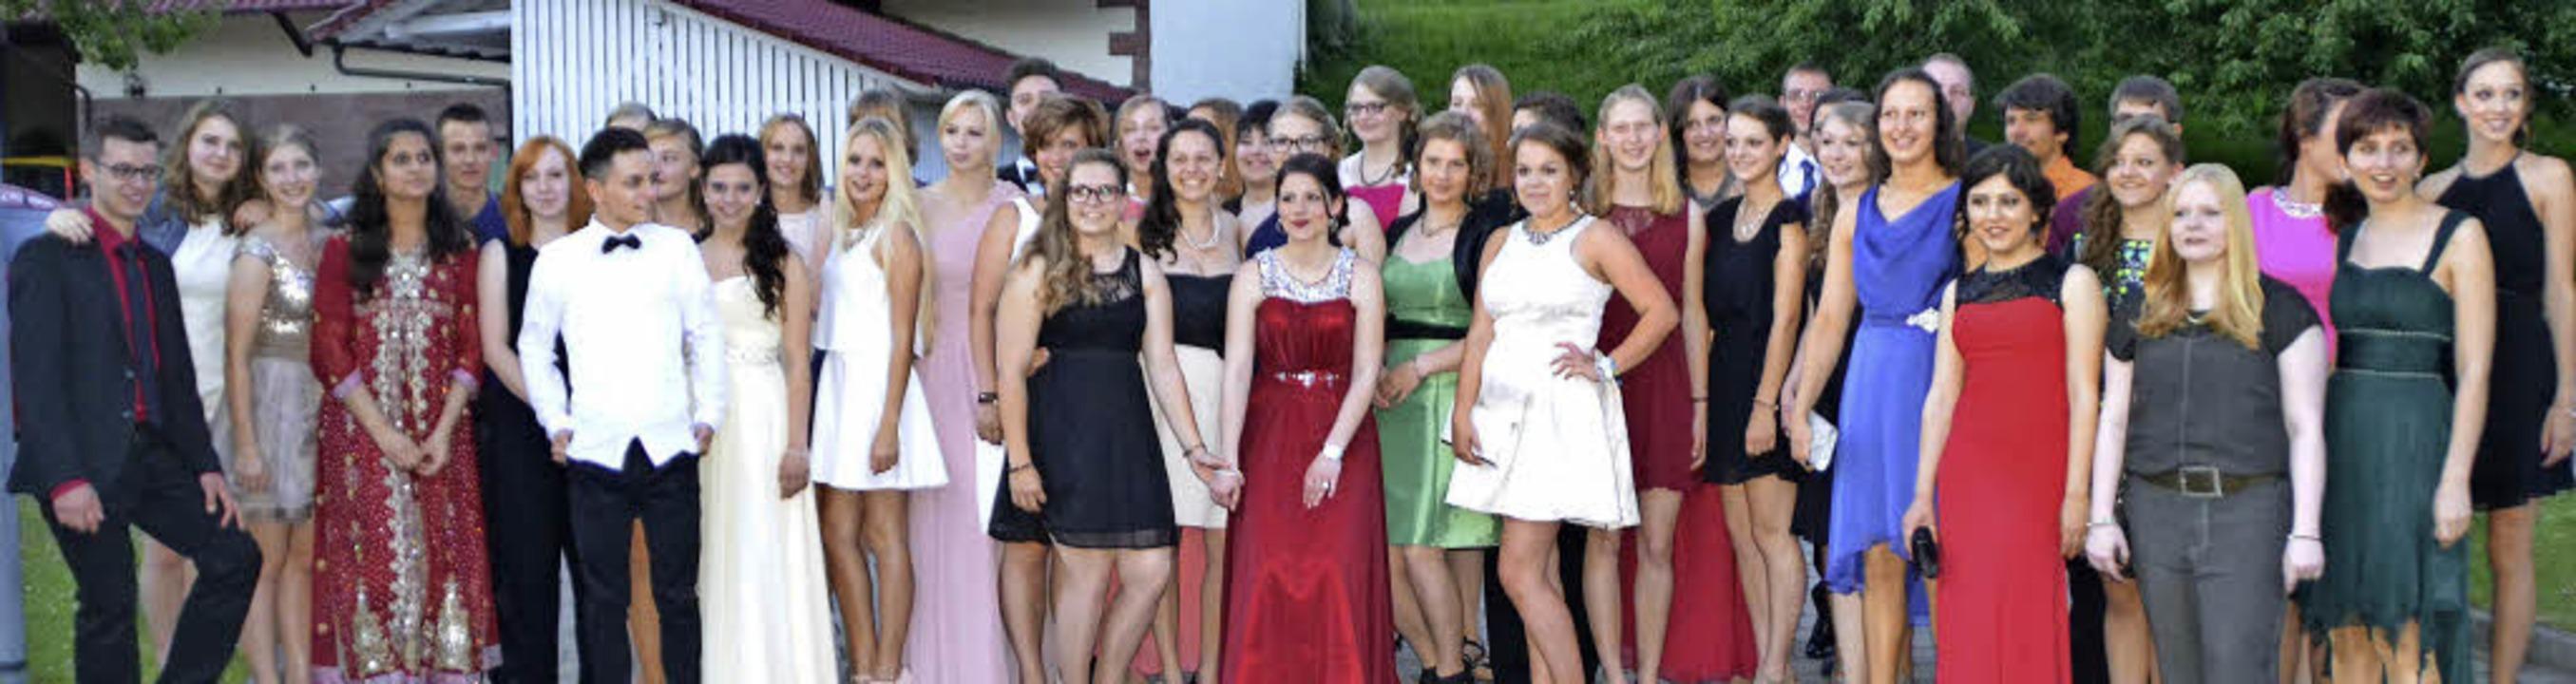 Die stolzen Abiturientinnen und Abitur...hren großen Abend in Schale geworfen.   | Foto: privat